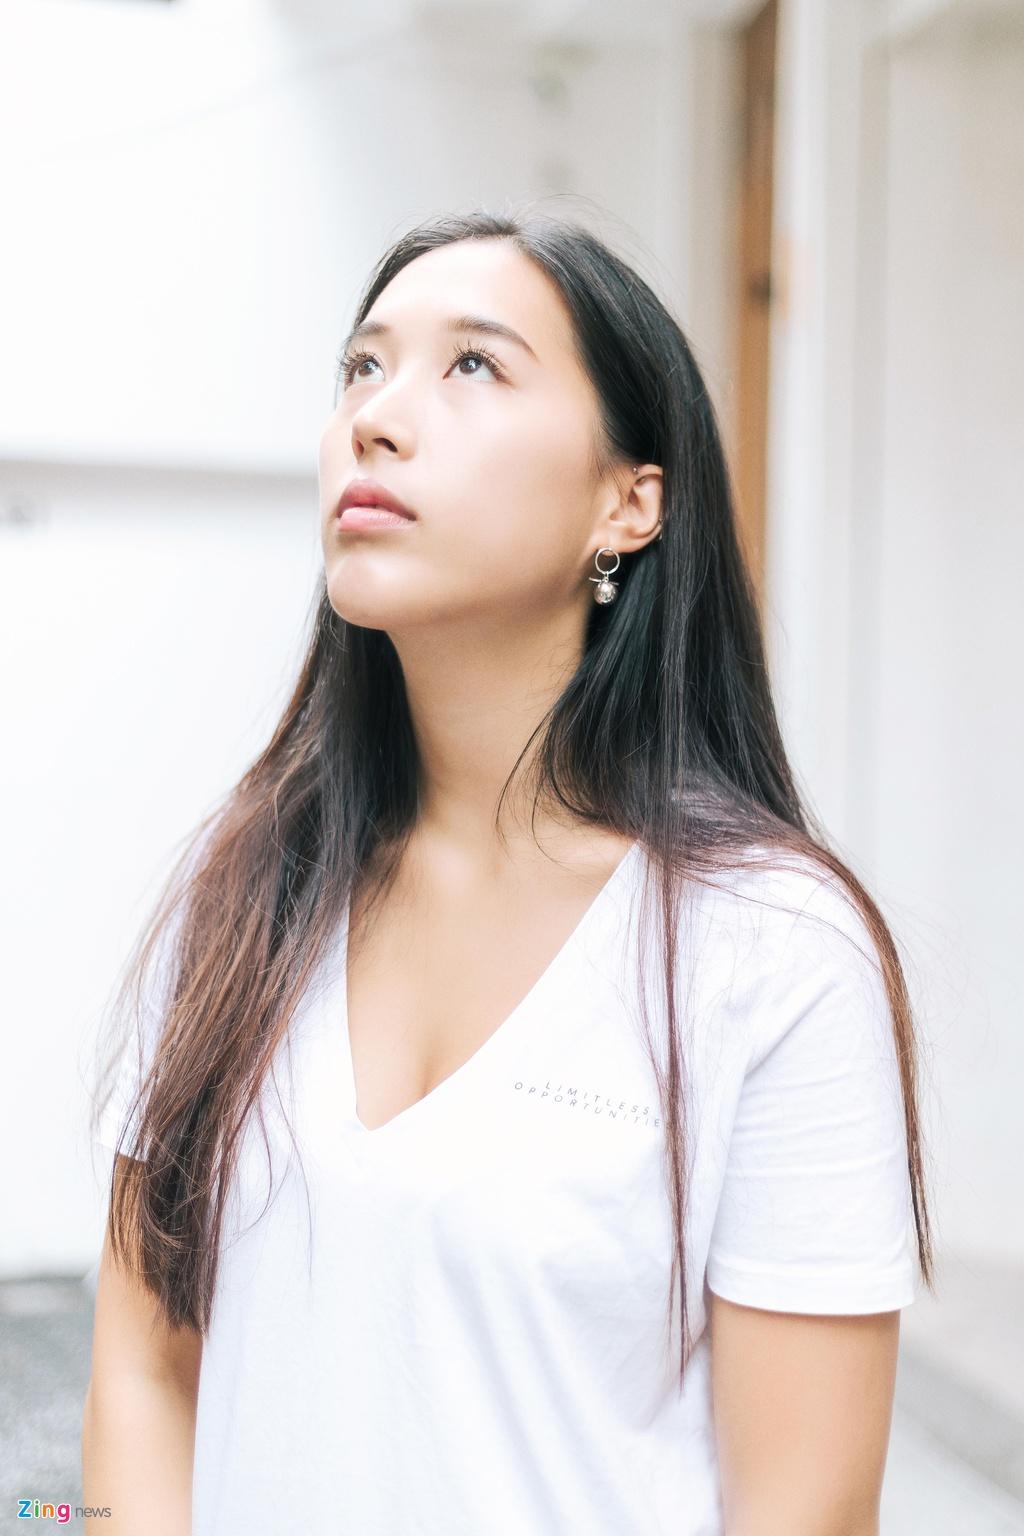 Ban gai Huynh Anh: 'Yeu xa khong kho nhu nguoi ta nghi' hinh anh 7